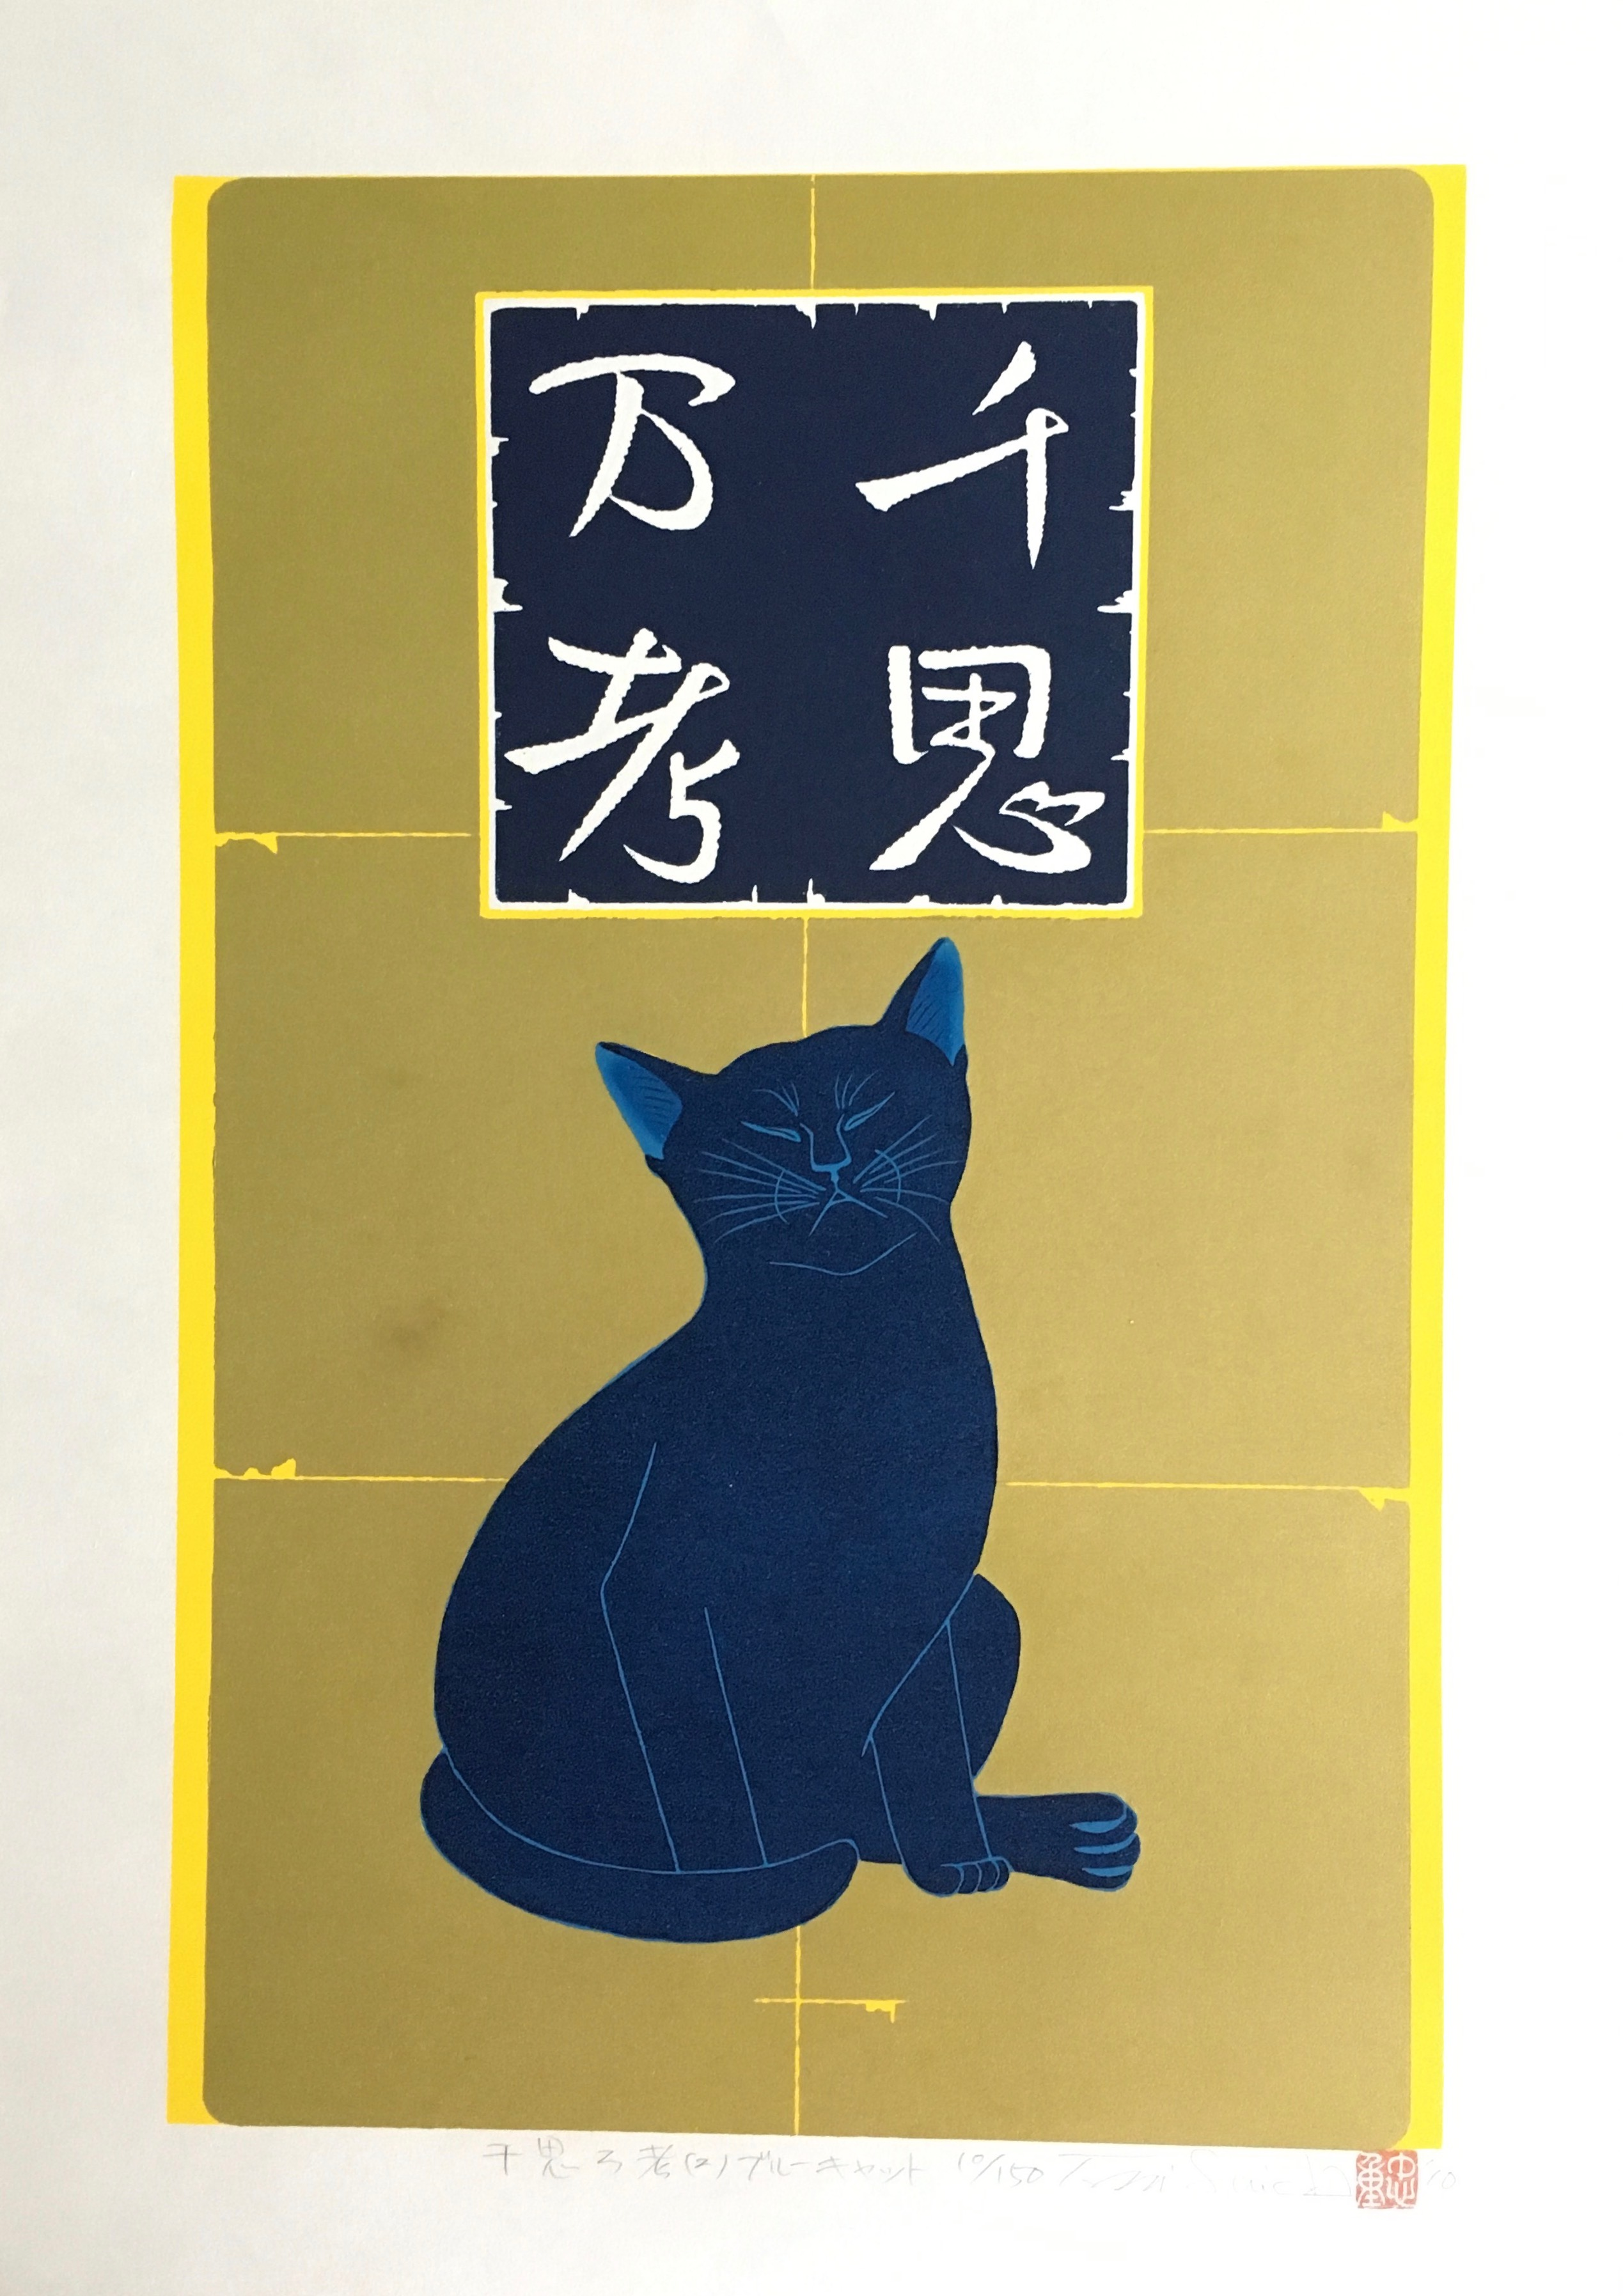 #4007 Black cat